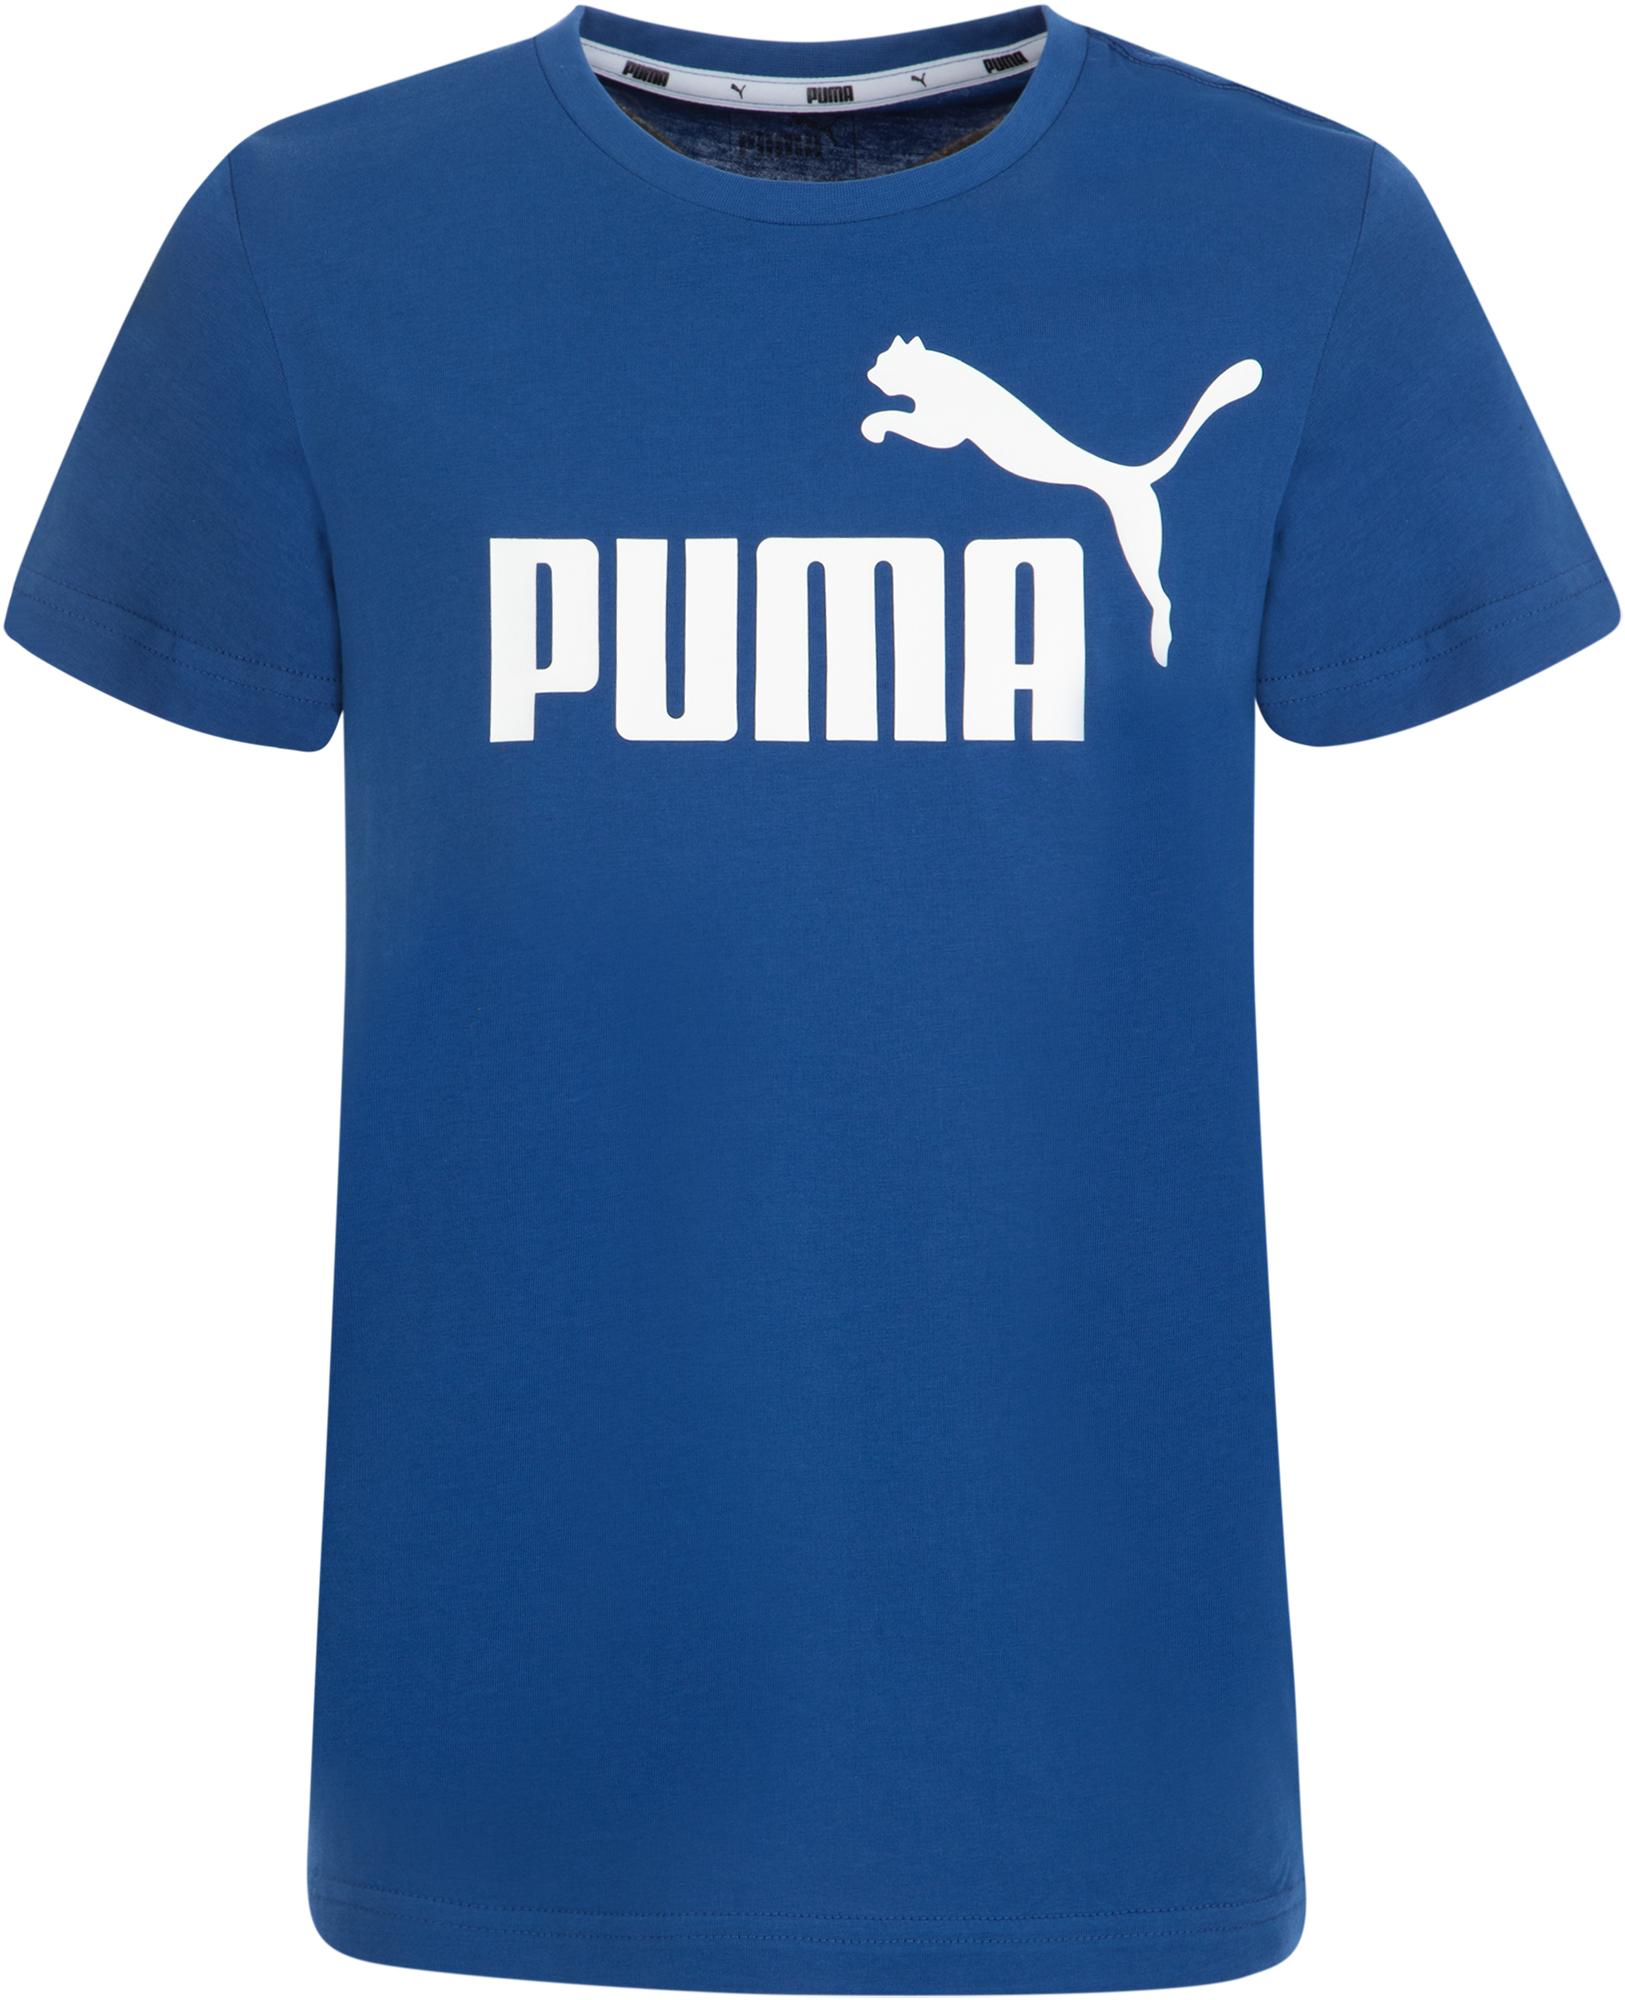 Puma Футболка для мальчиков Puma ESS Logo Tee B, размер 164 стоимость